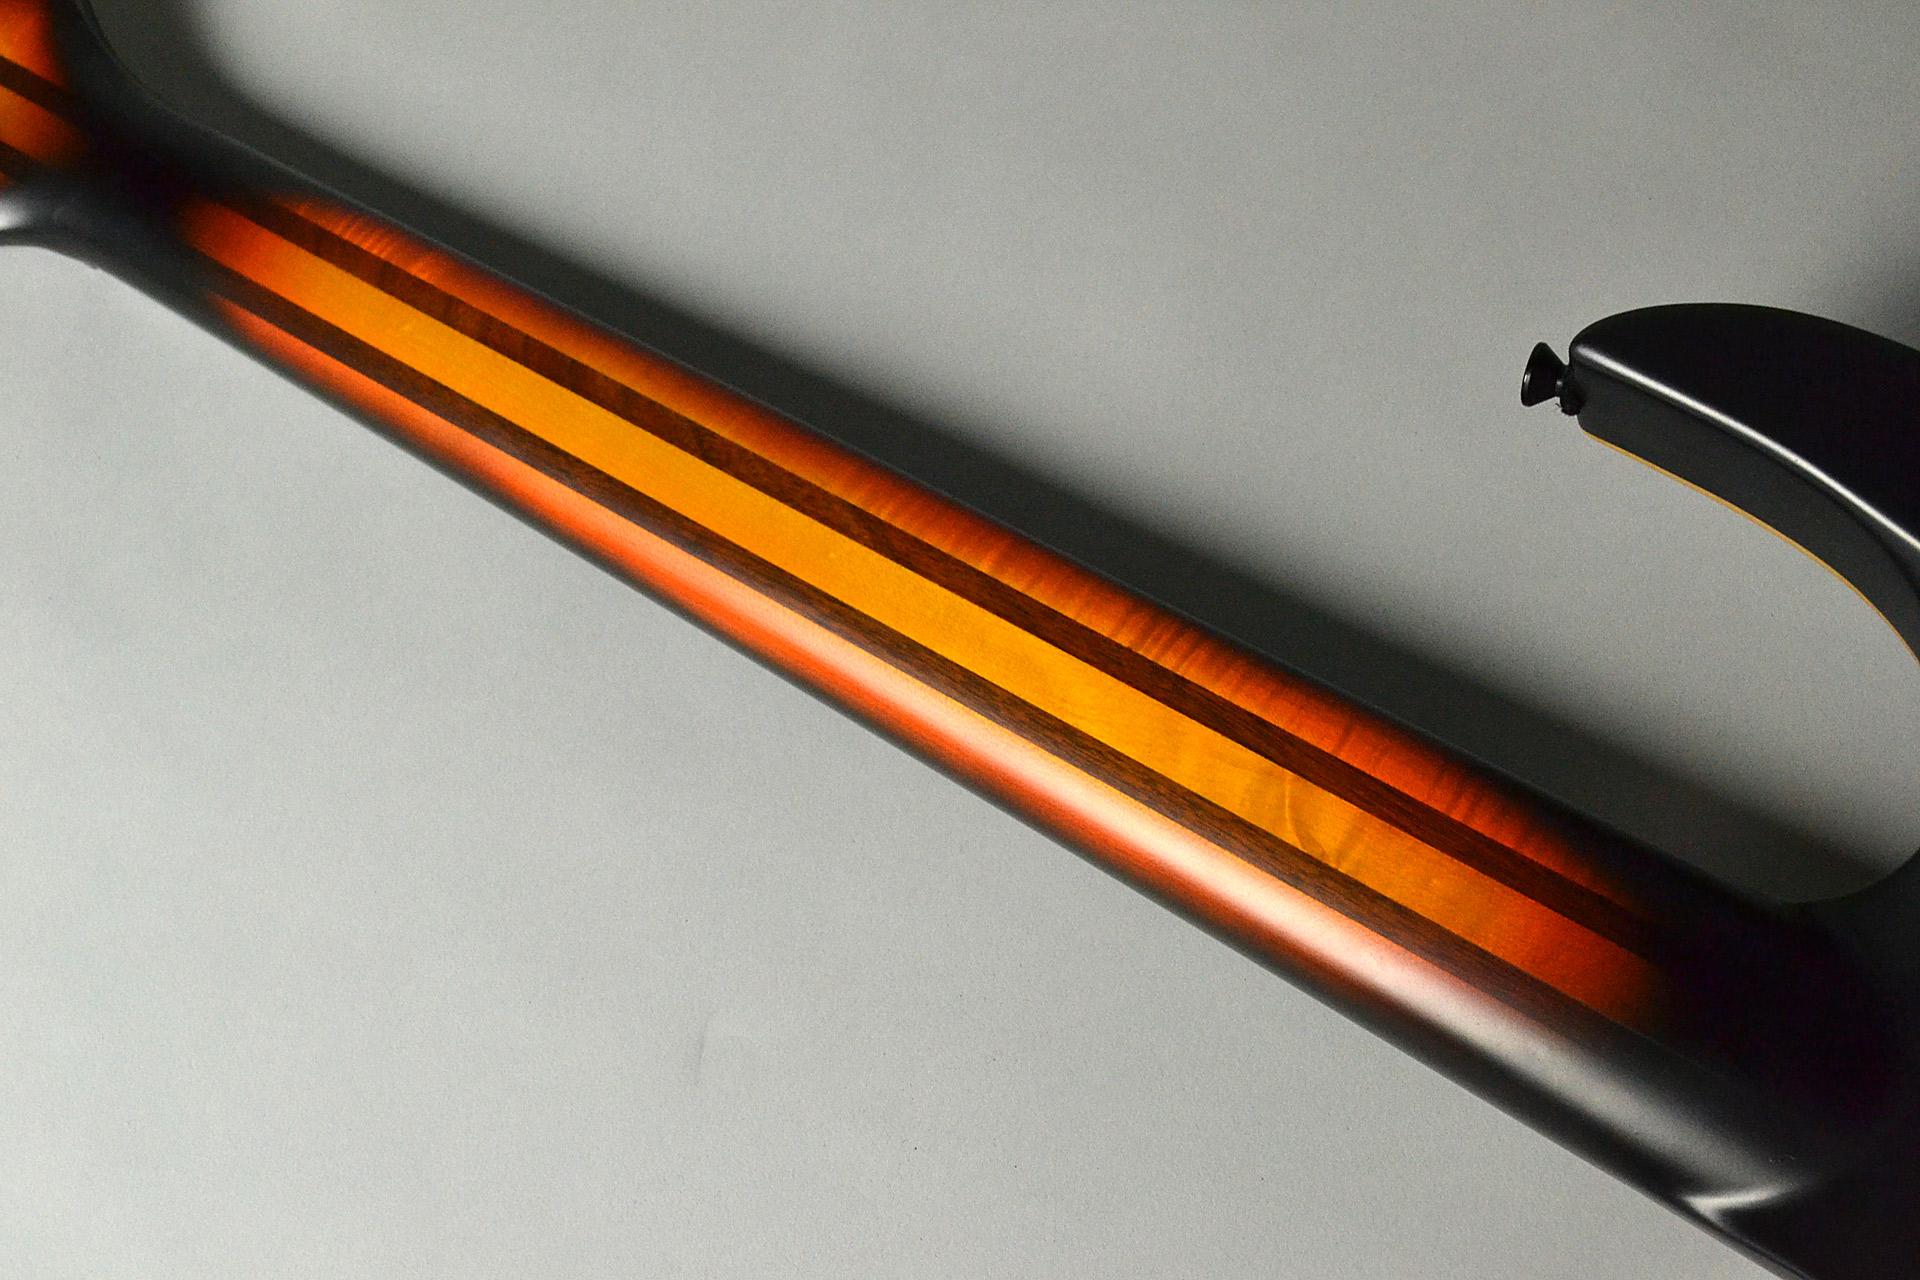 Cobra SPL7 HT/T FCM 4CS Flame Crotch Maple【リペア済み品・大特価】のケース・その他画像